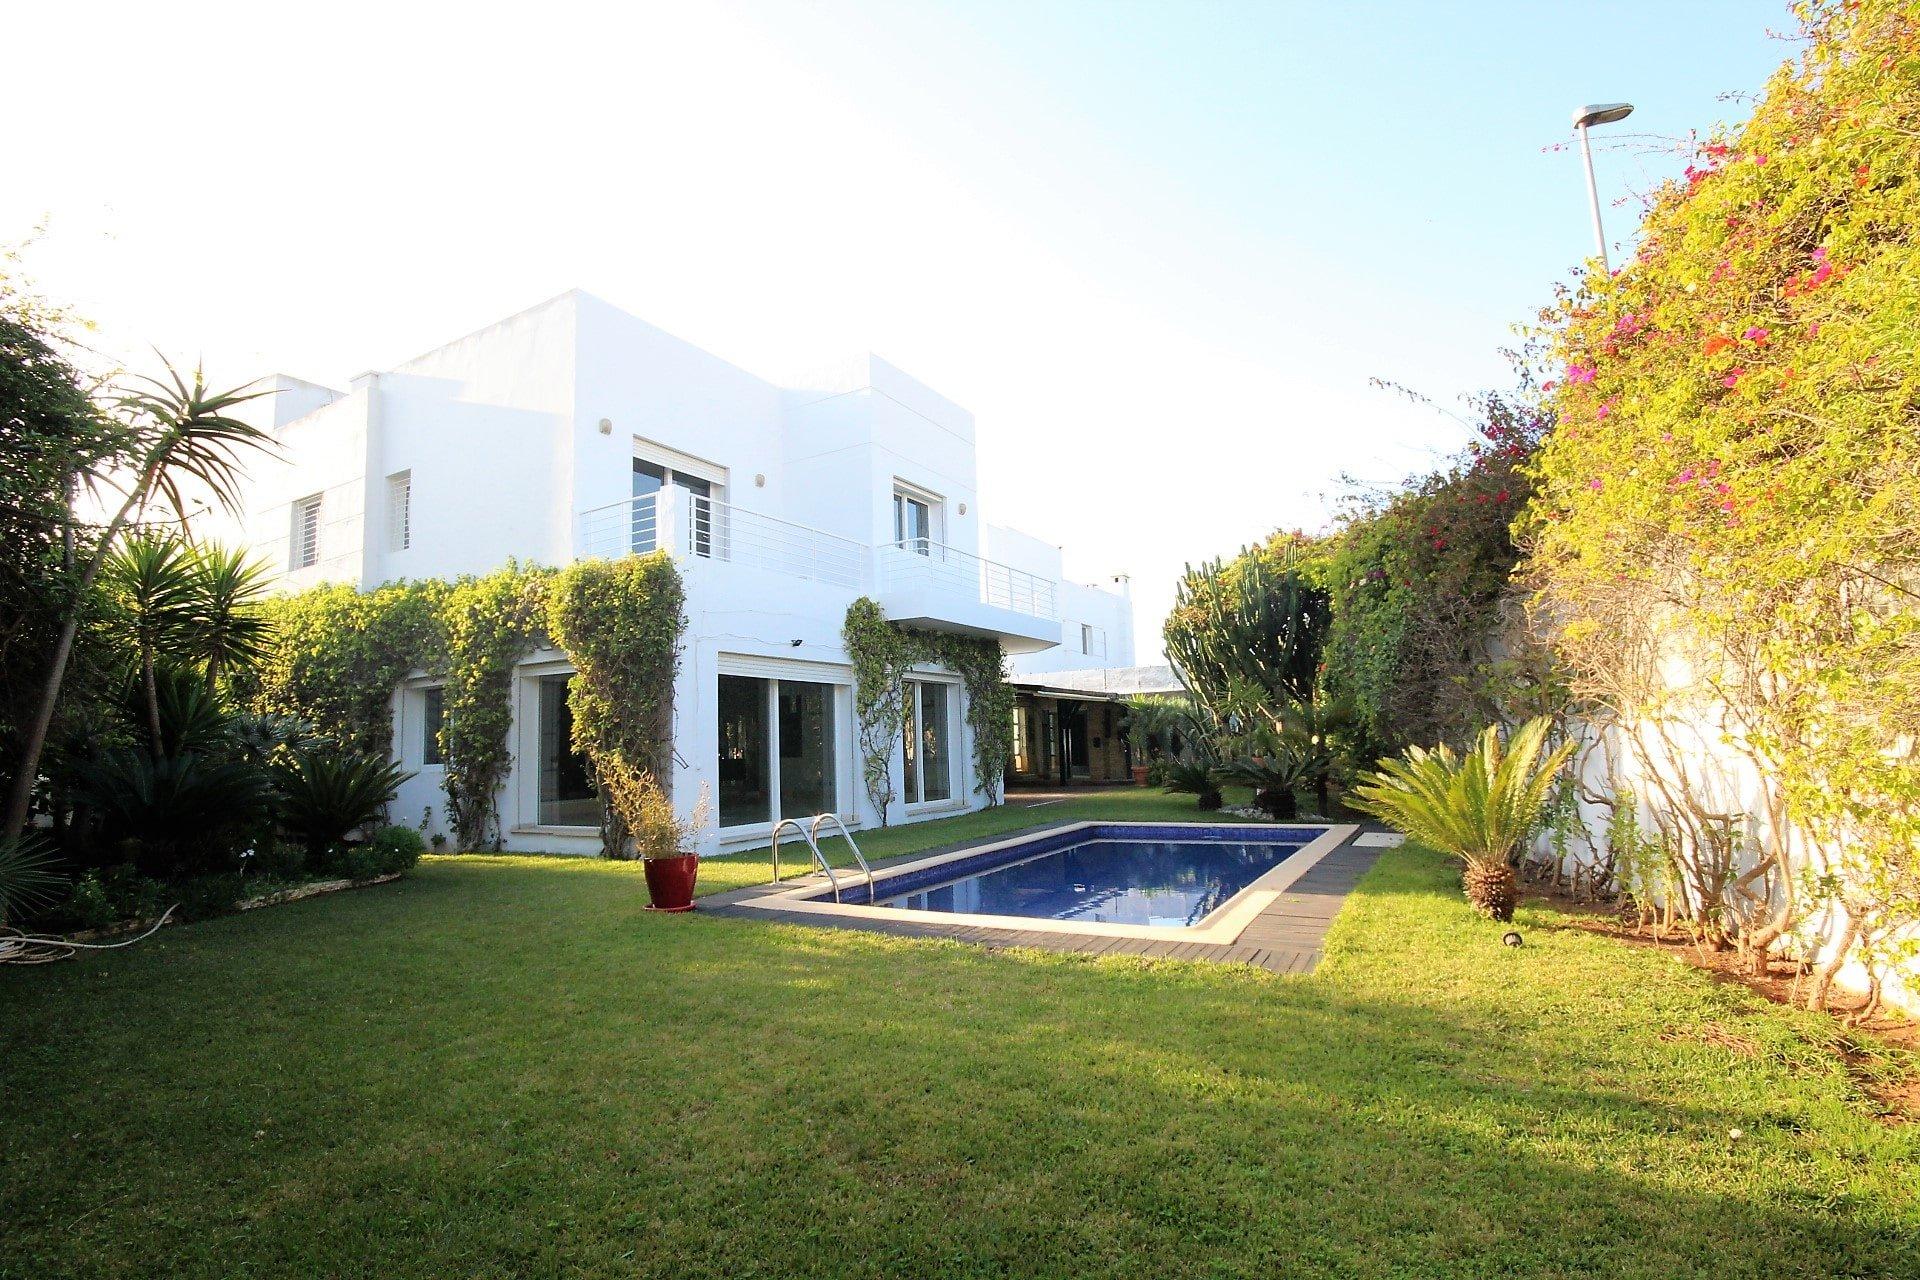 AIN DIAB loue villa d'angle Moderne de 4 chambres (vue mer) en parfait état avec piscine